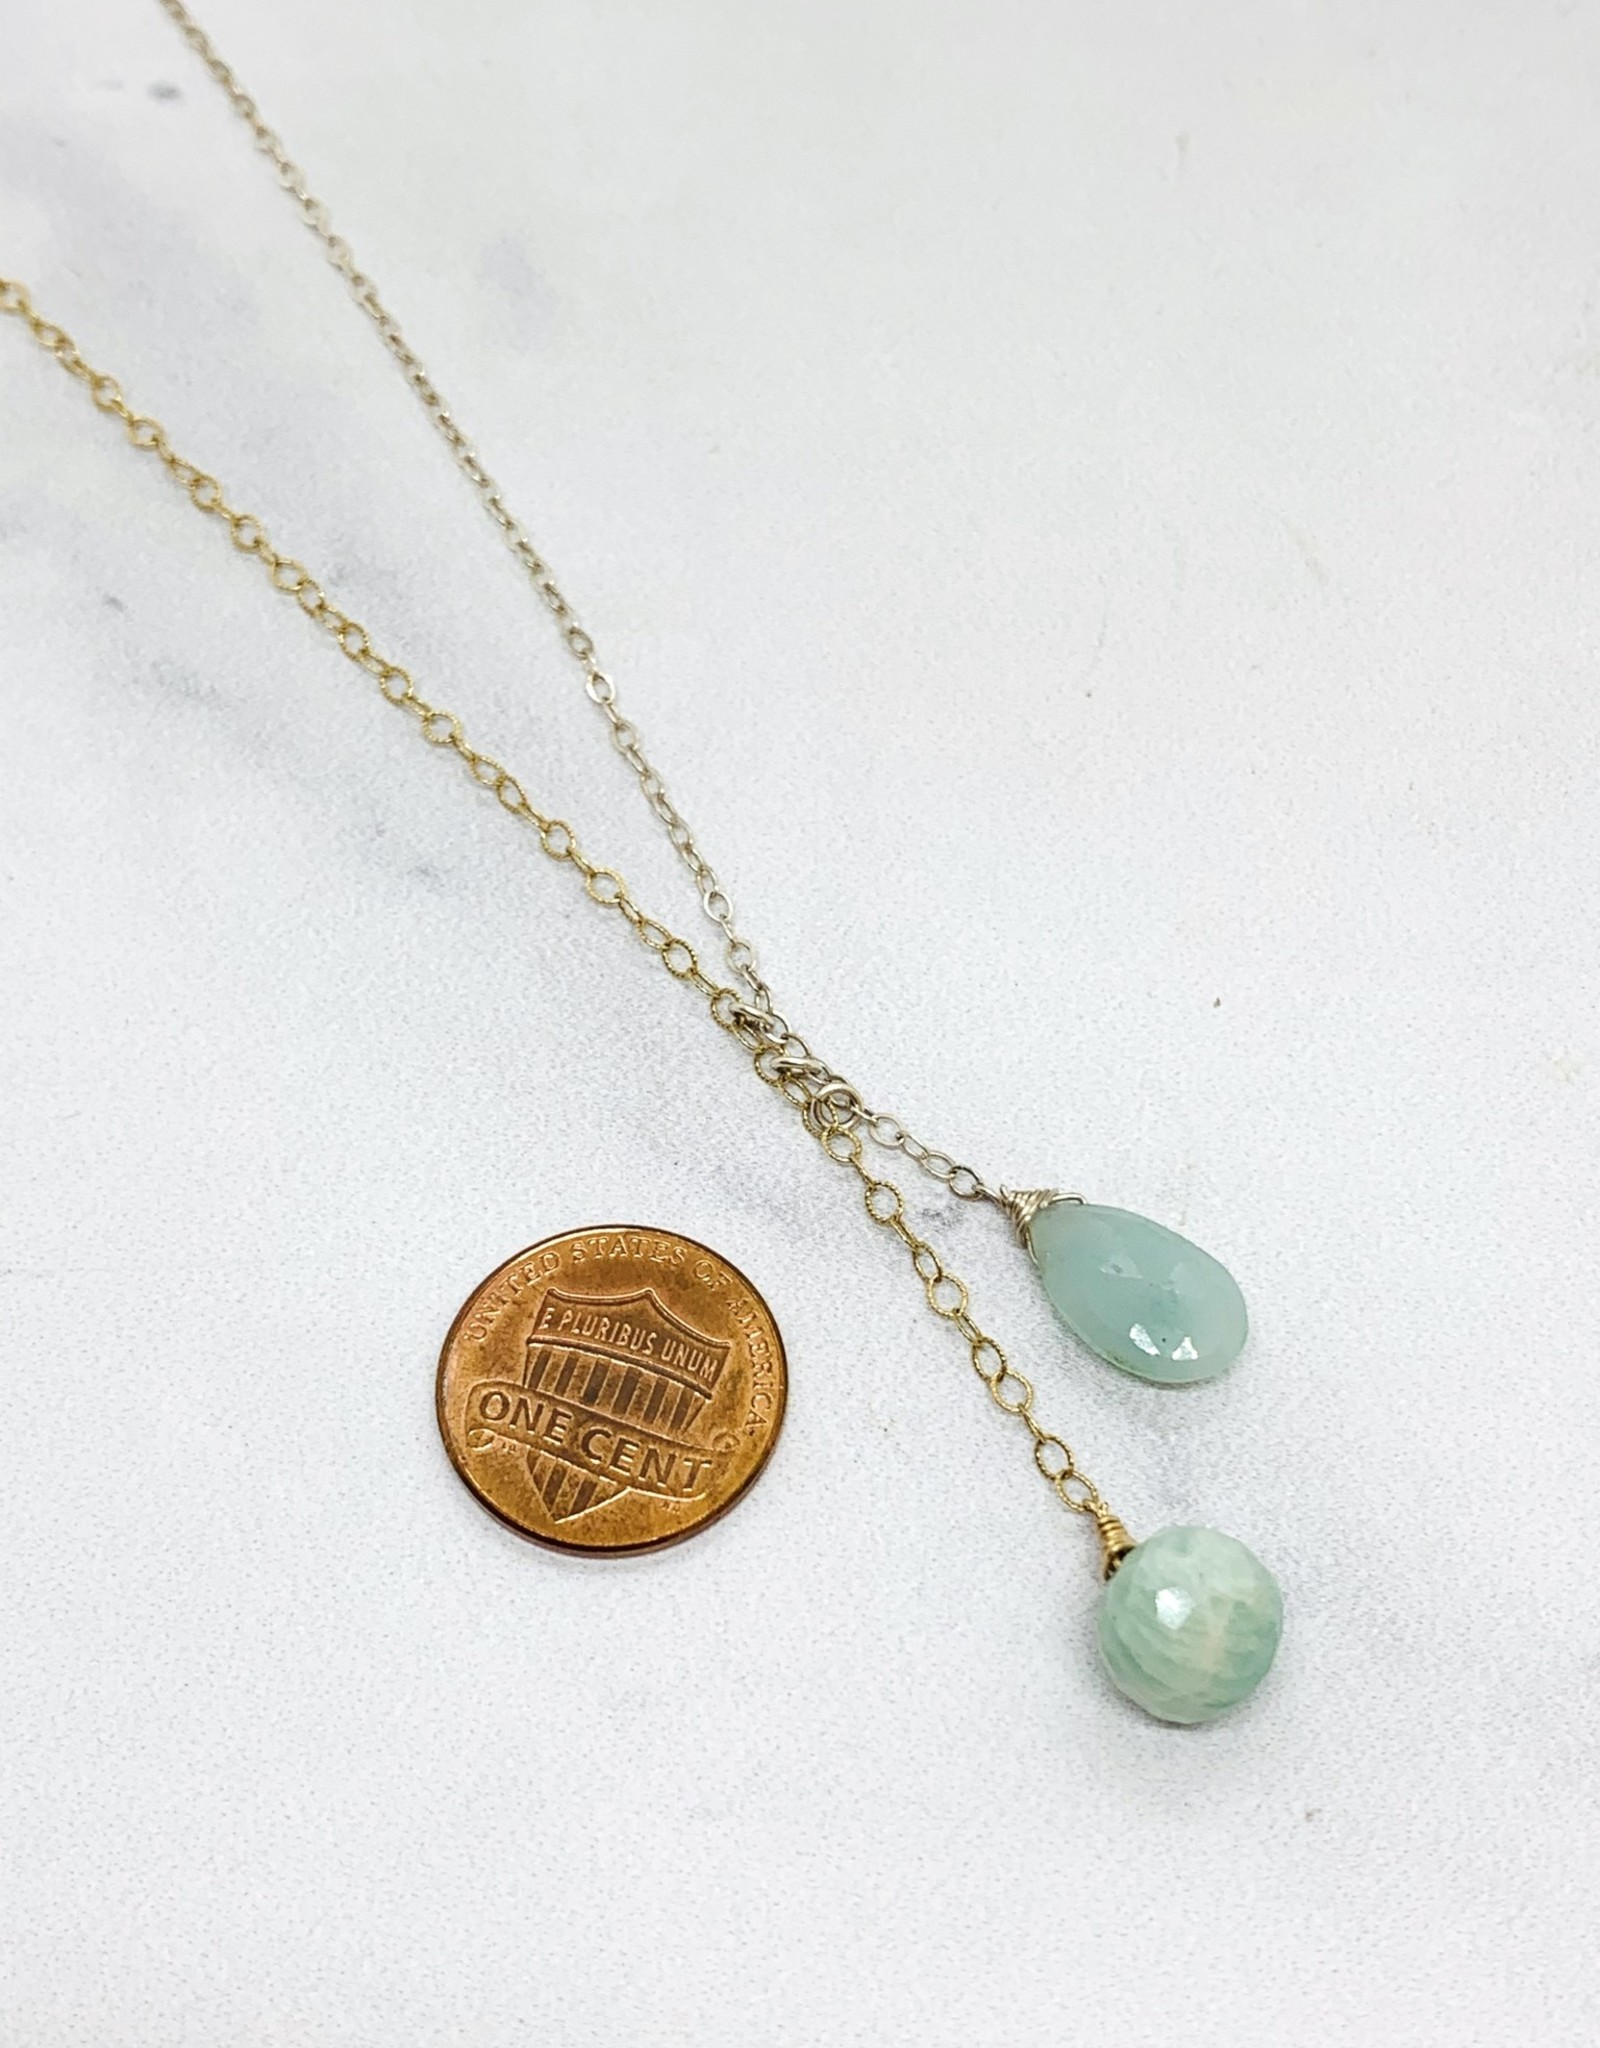 Handmade Silver Necklace with bolo: amazonite briolette/silver, amazonite onion stick/14 k g.f.